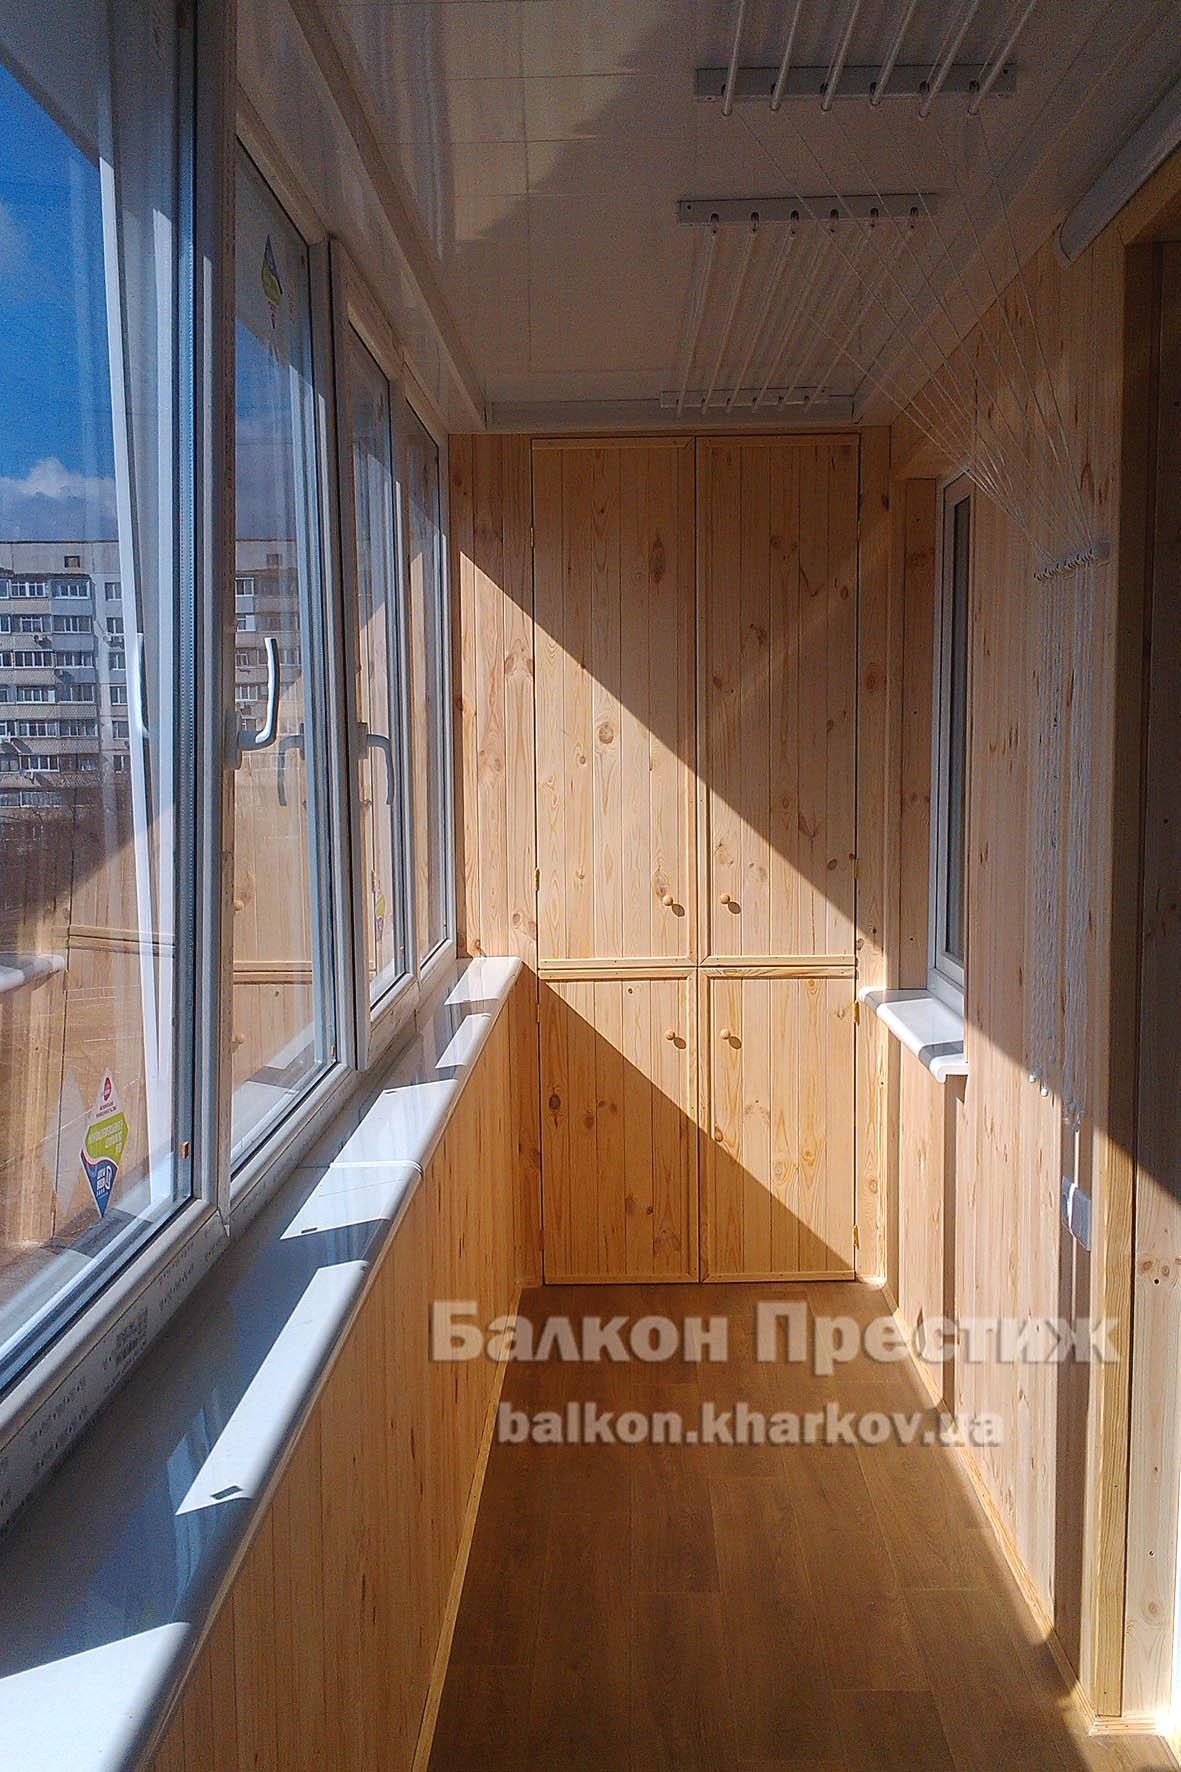 Заказать внутреннюю обшивку балкона в харькое. балкон прести.